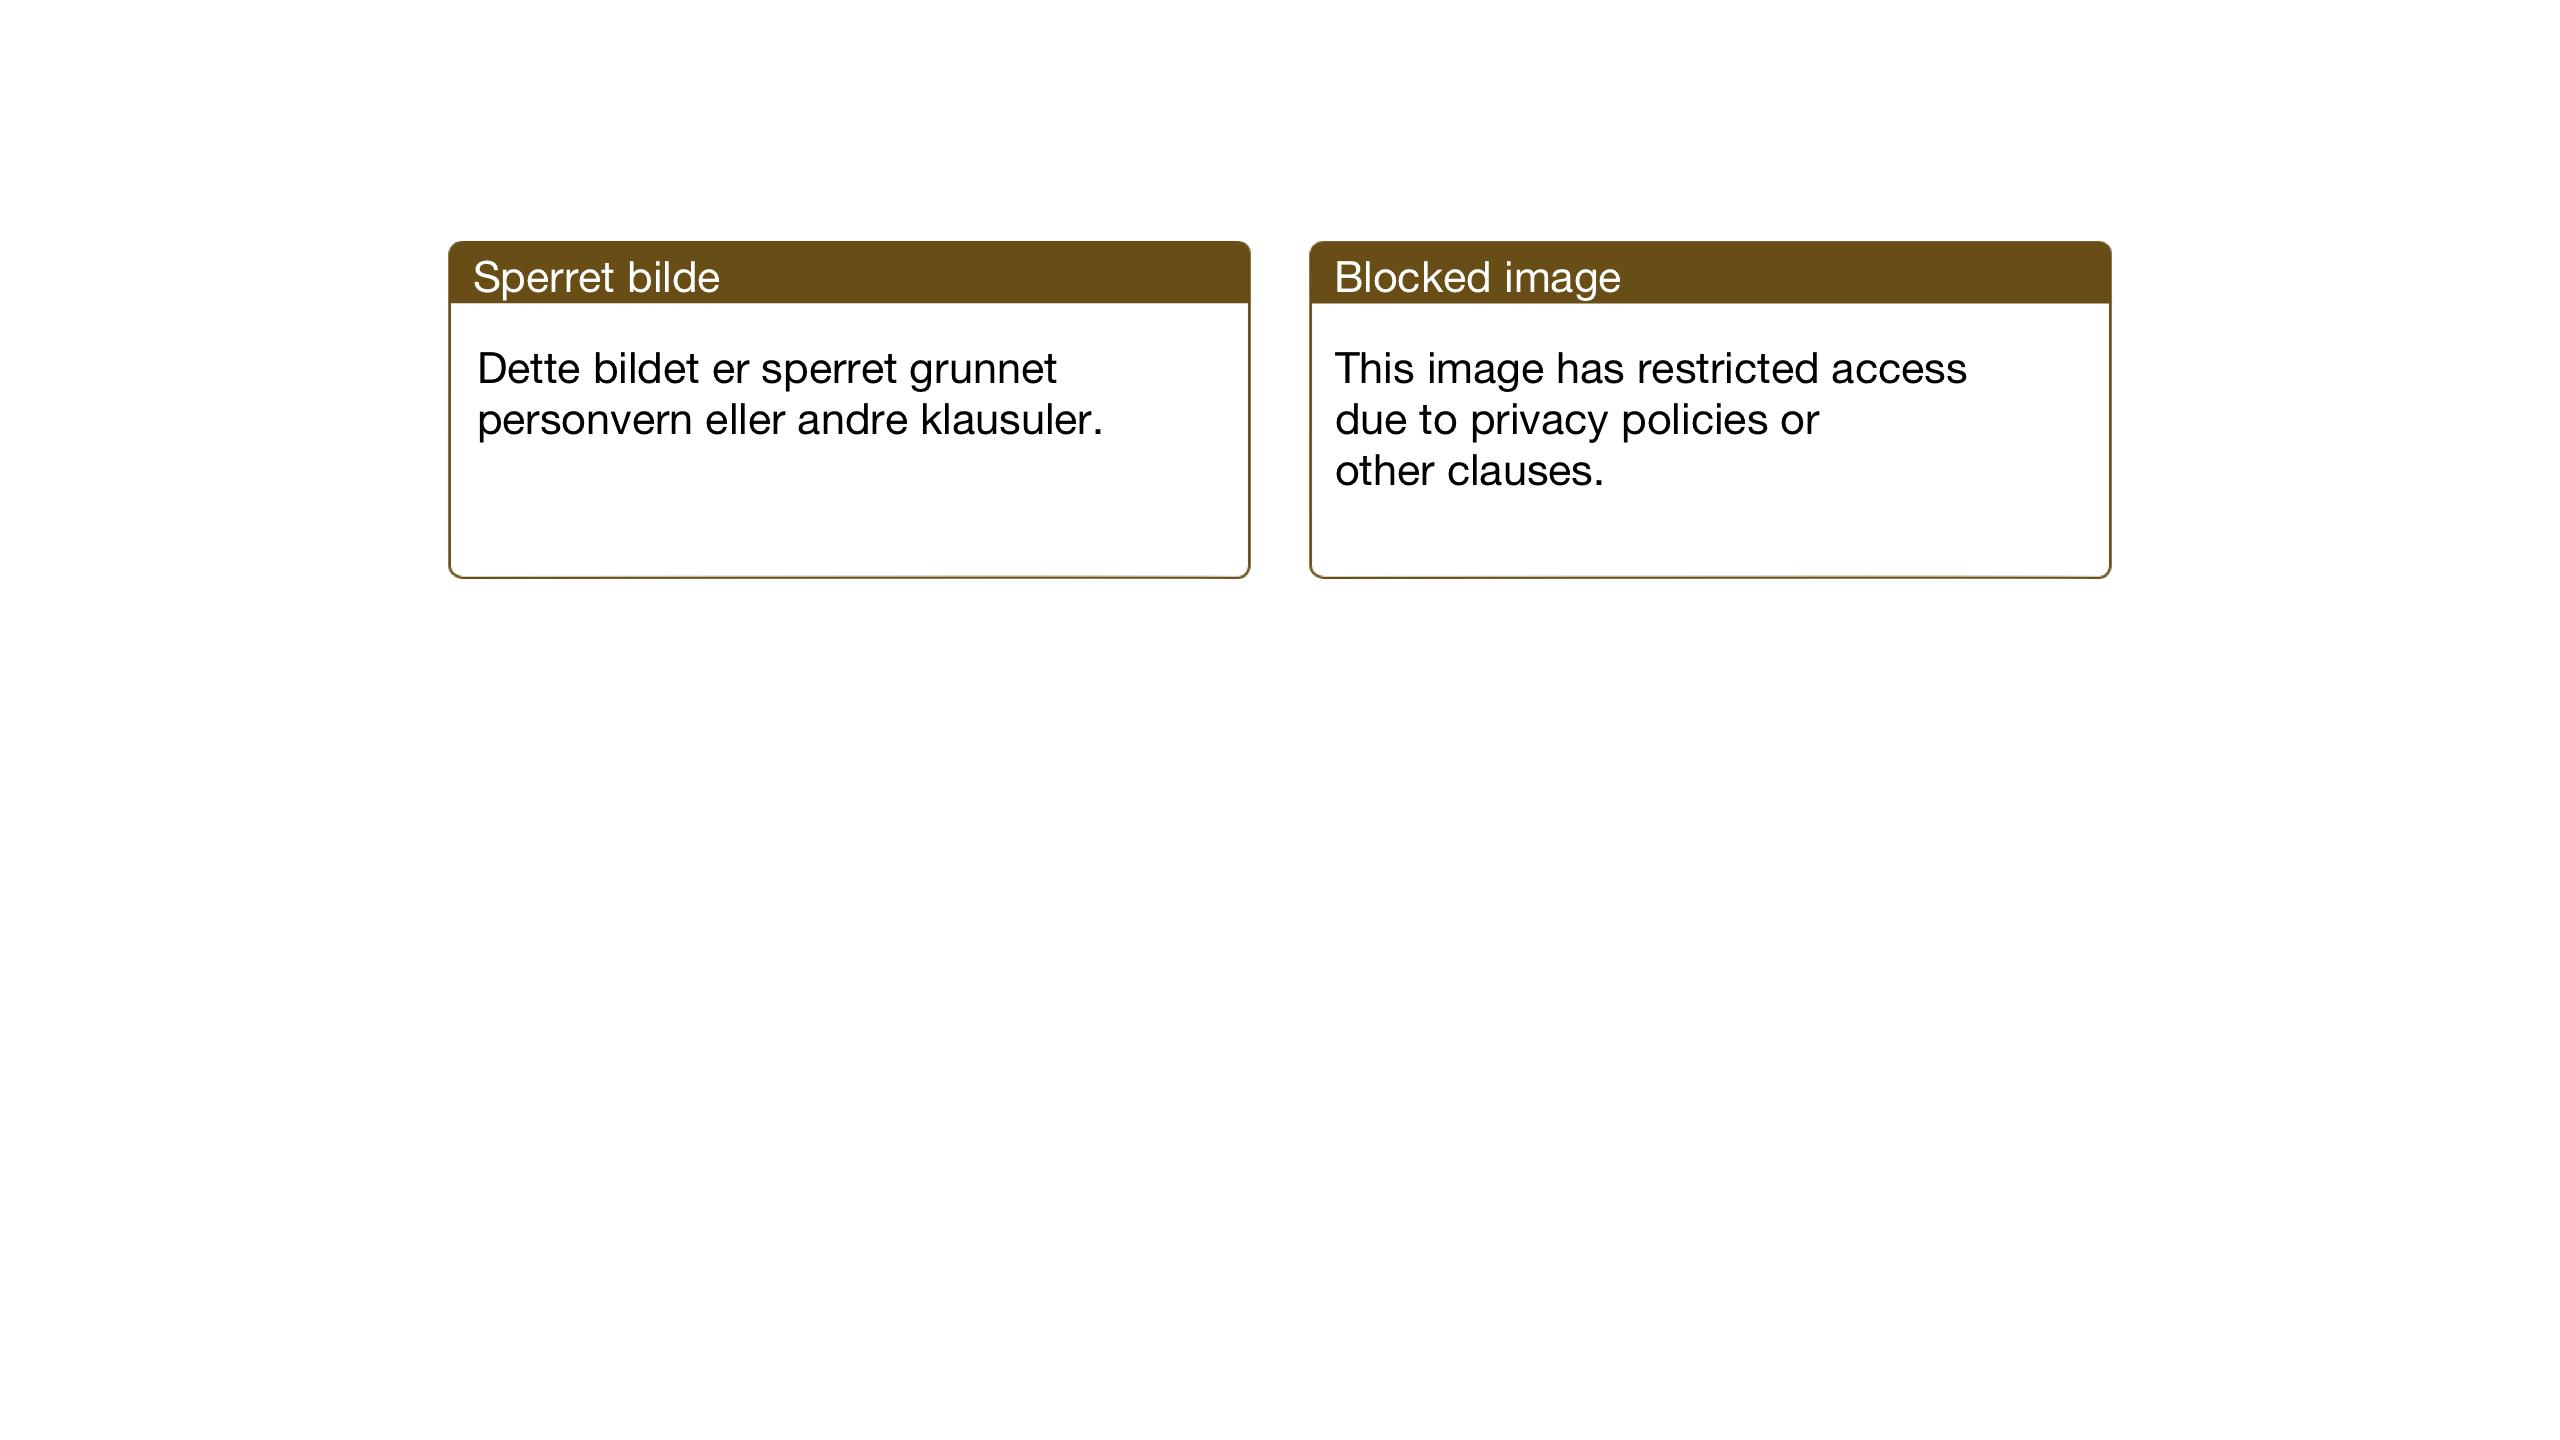 SAT, Ministerialprotokoller, klokkerbøker og fødselsregistre - Nord-Trøndelag, 748/L0465: Klokkerbok nr. 748C01, 1908-1960, s. 21